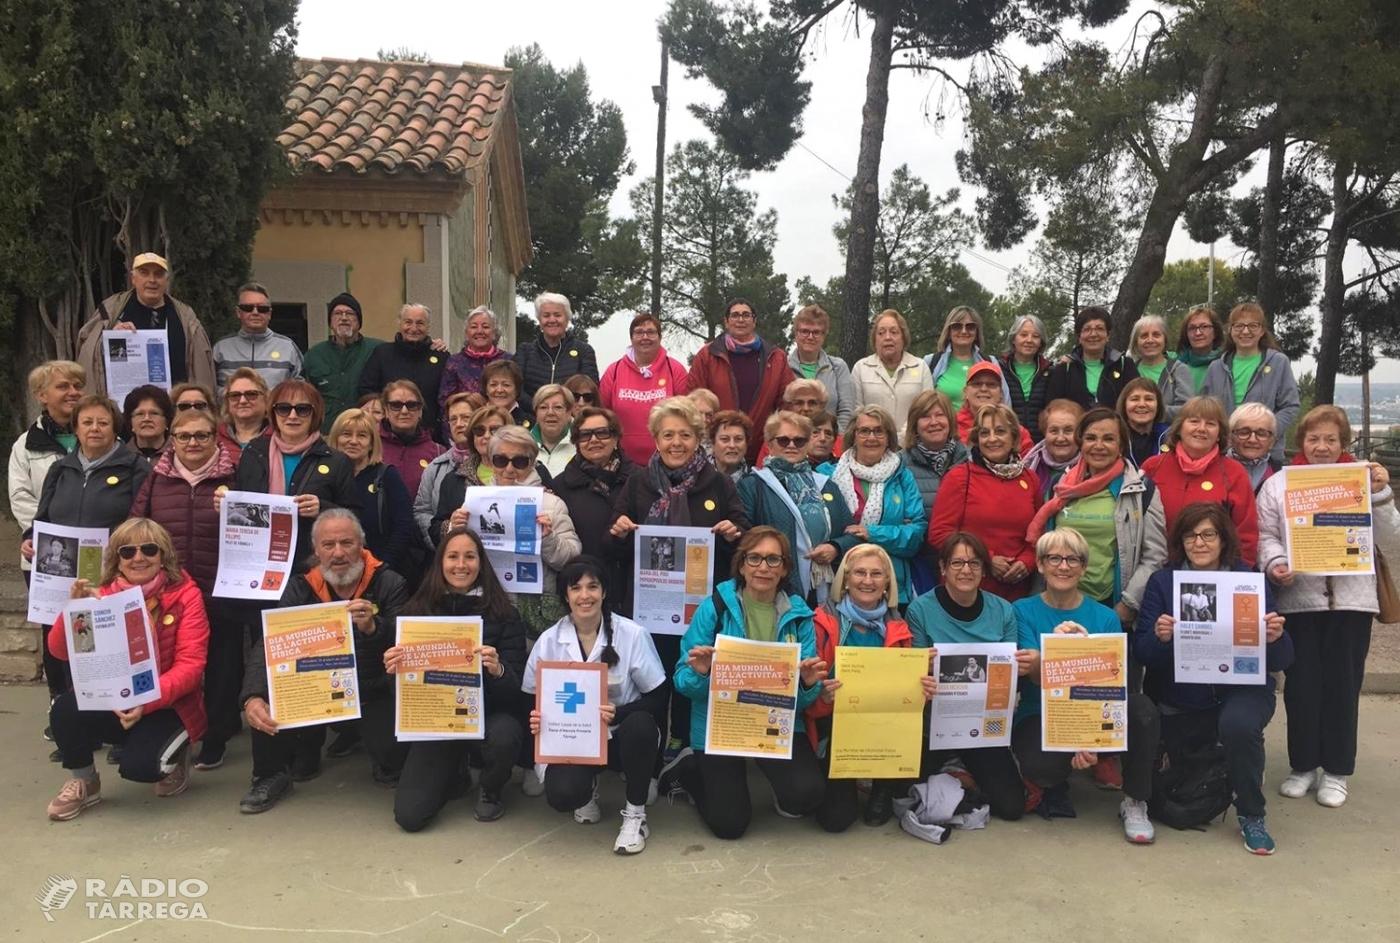 Tàrrega celebra el Dia Mundial de l'Activitat Física al Parc de Sant Eloi divulgant els beneficis de l'esport i l'alimentació saludable